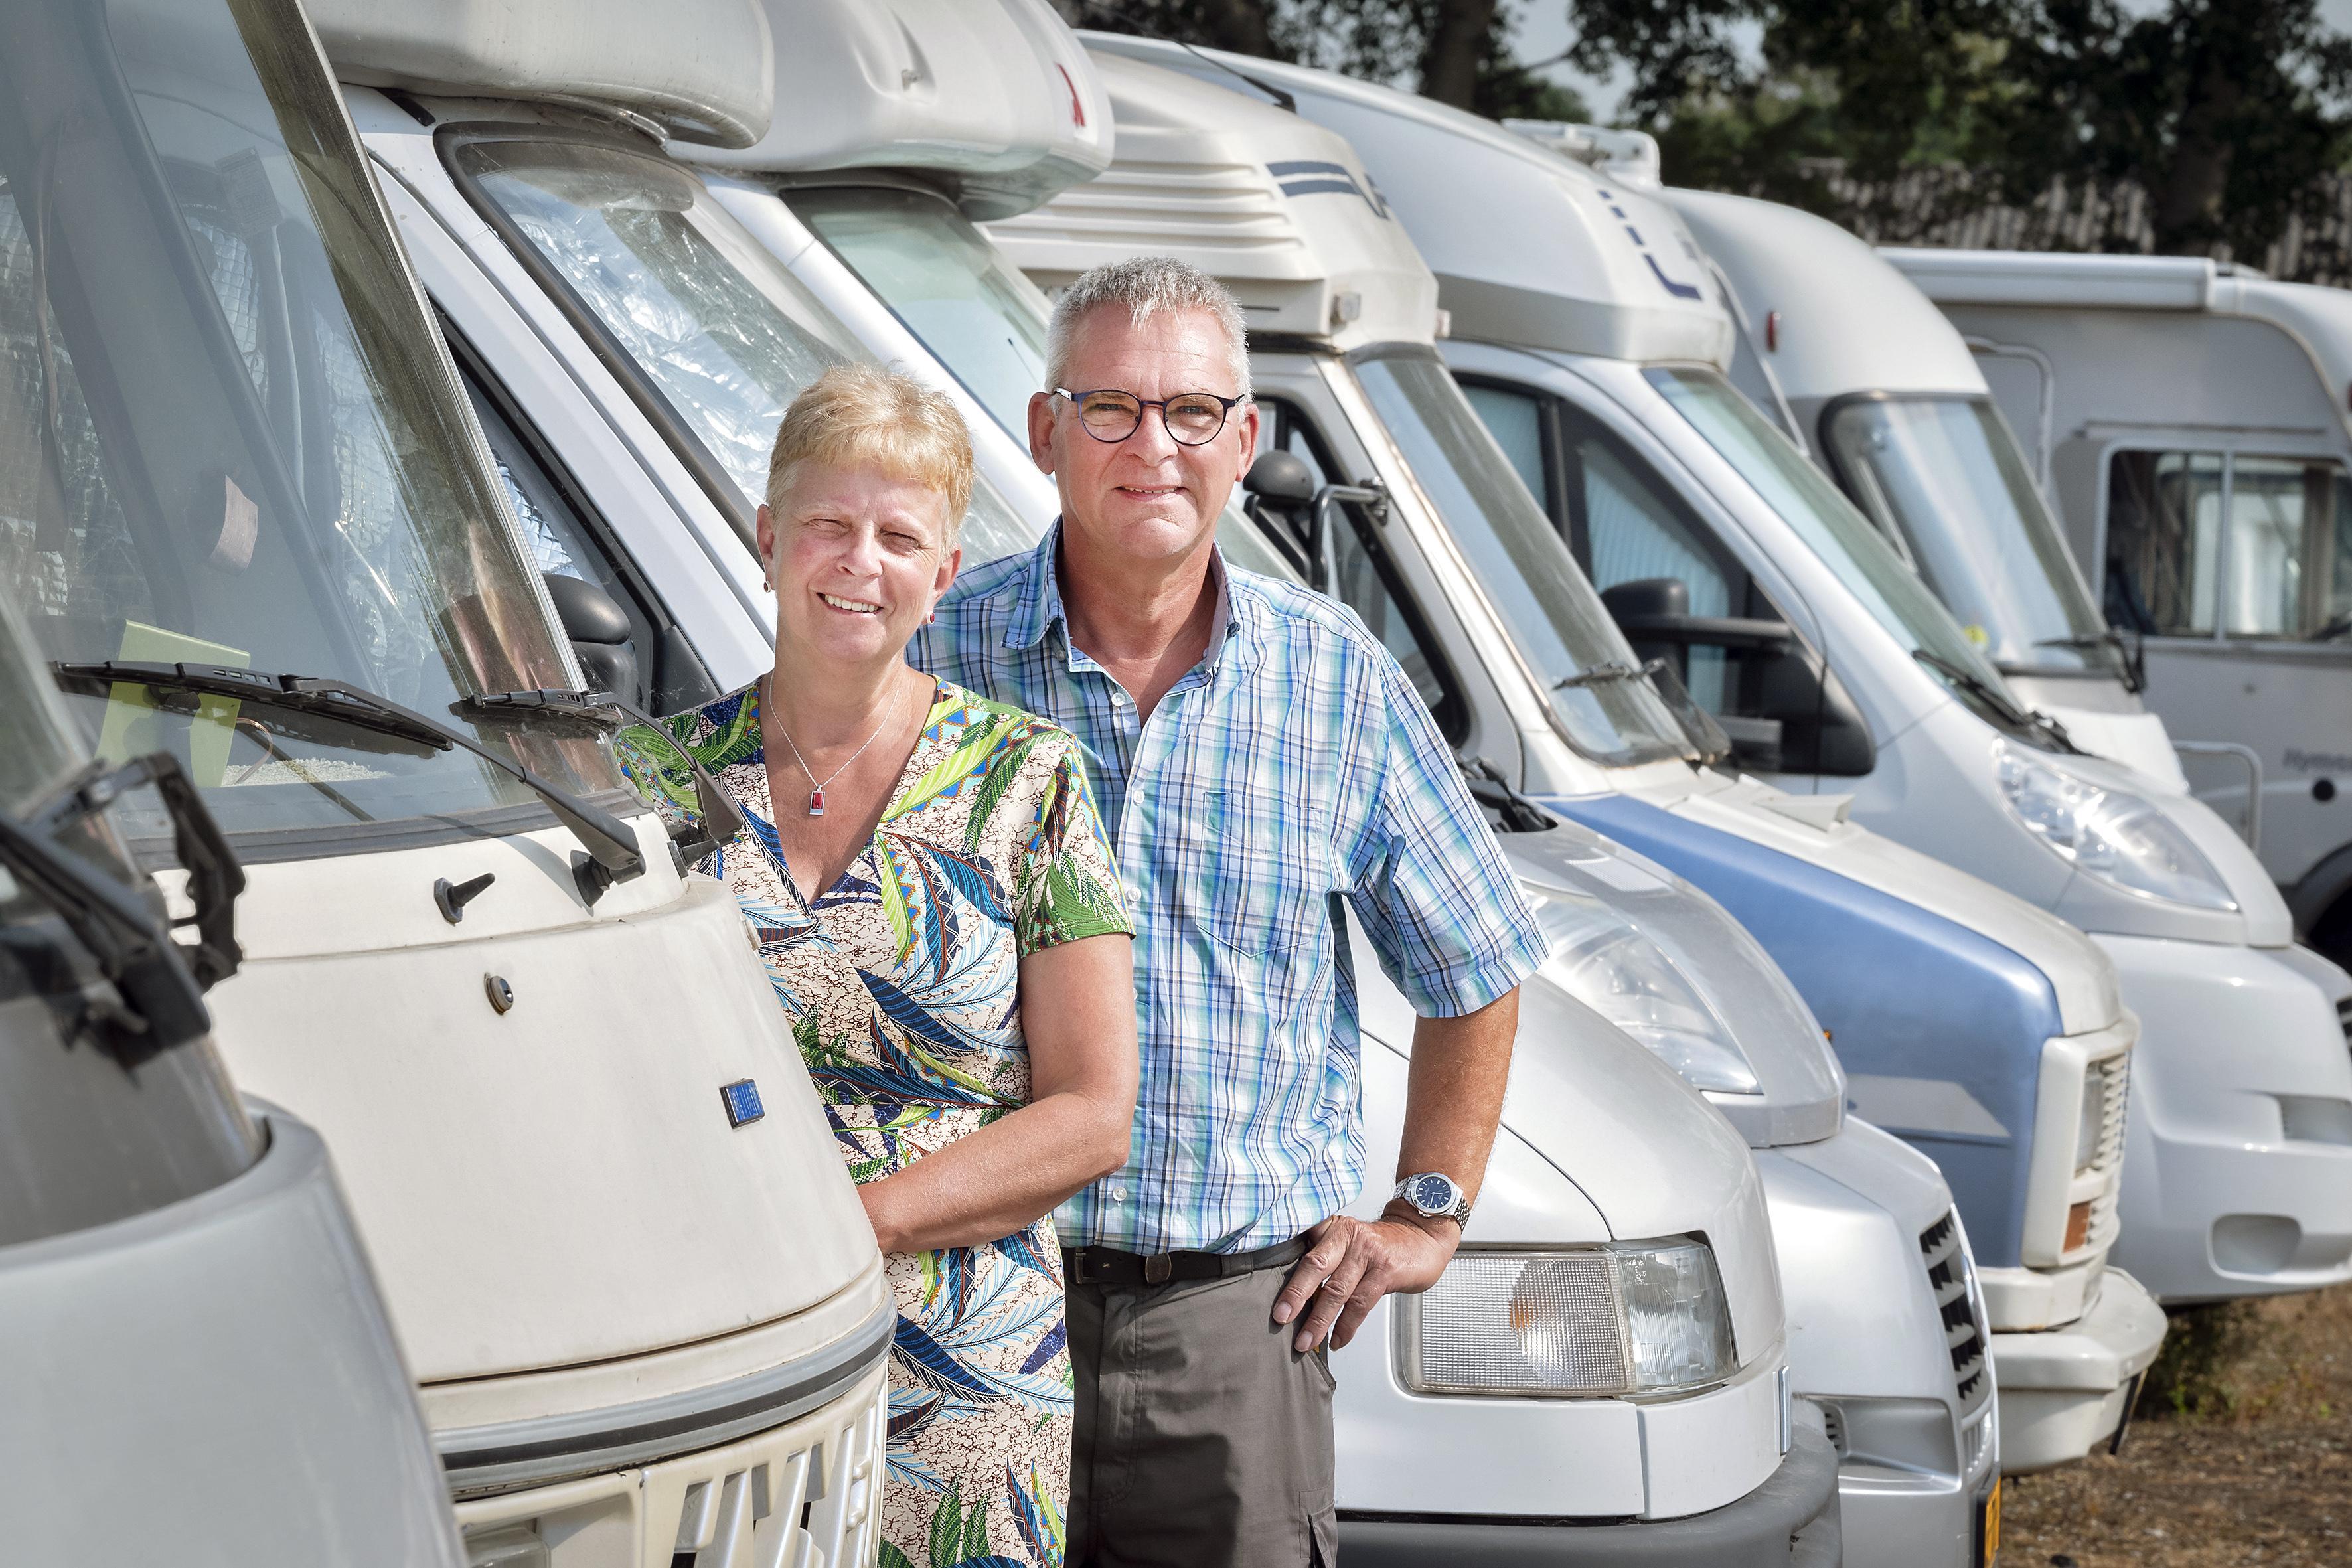 Opvolgers gezocht! Na 35 jaar willen Klaas en Alda wel een keer samen op vakantie en verkopen daarom hun succesvolle caravanstalling in Vijfhuizen